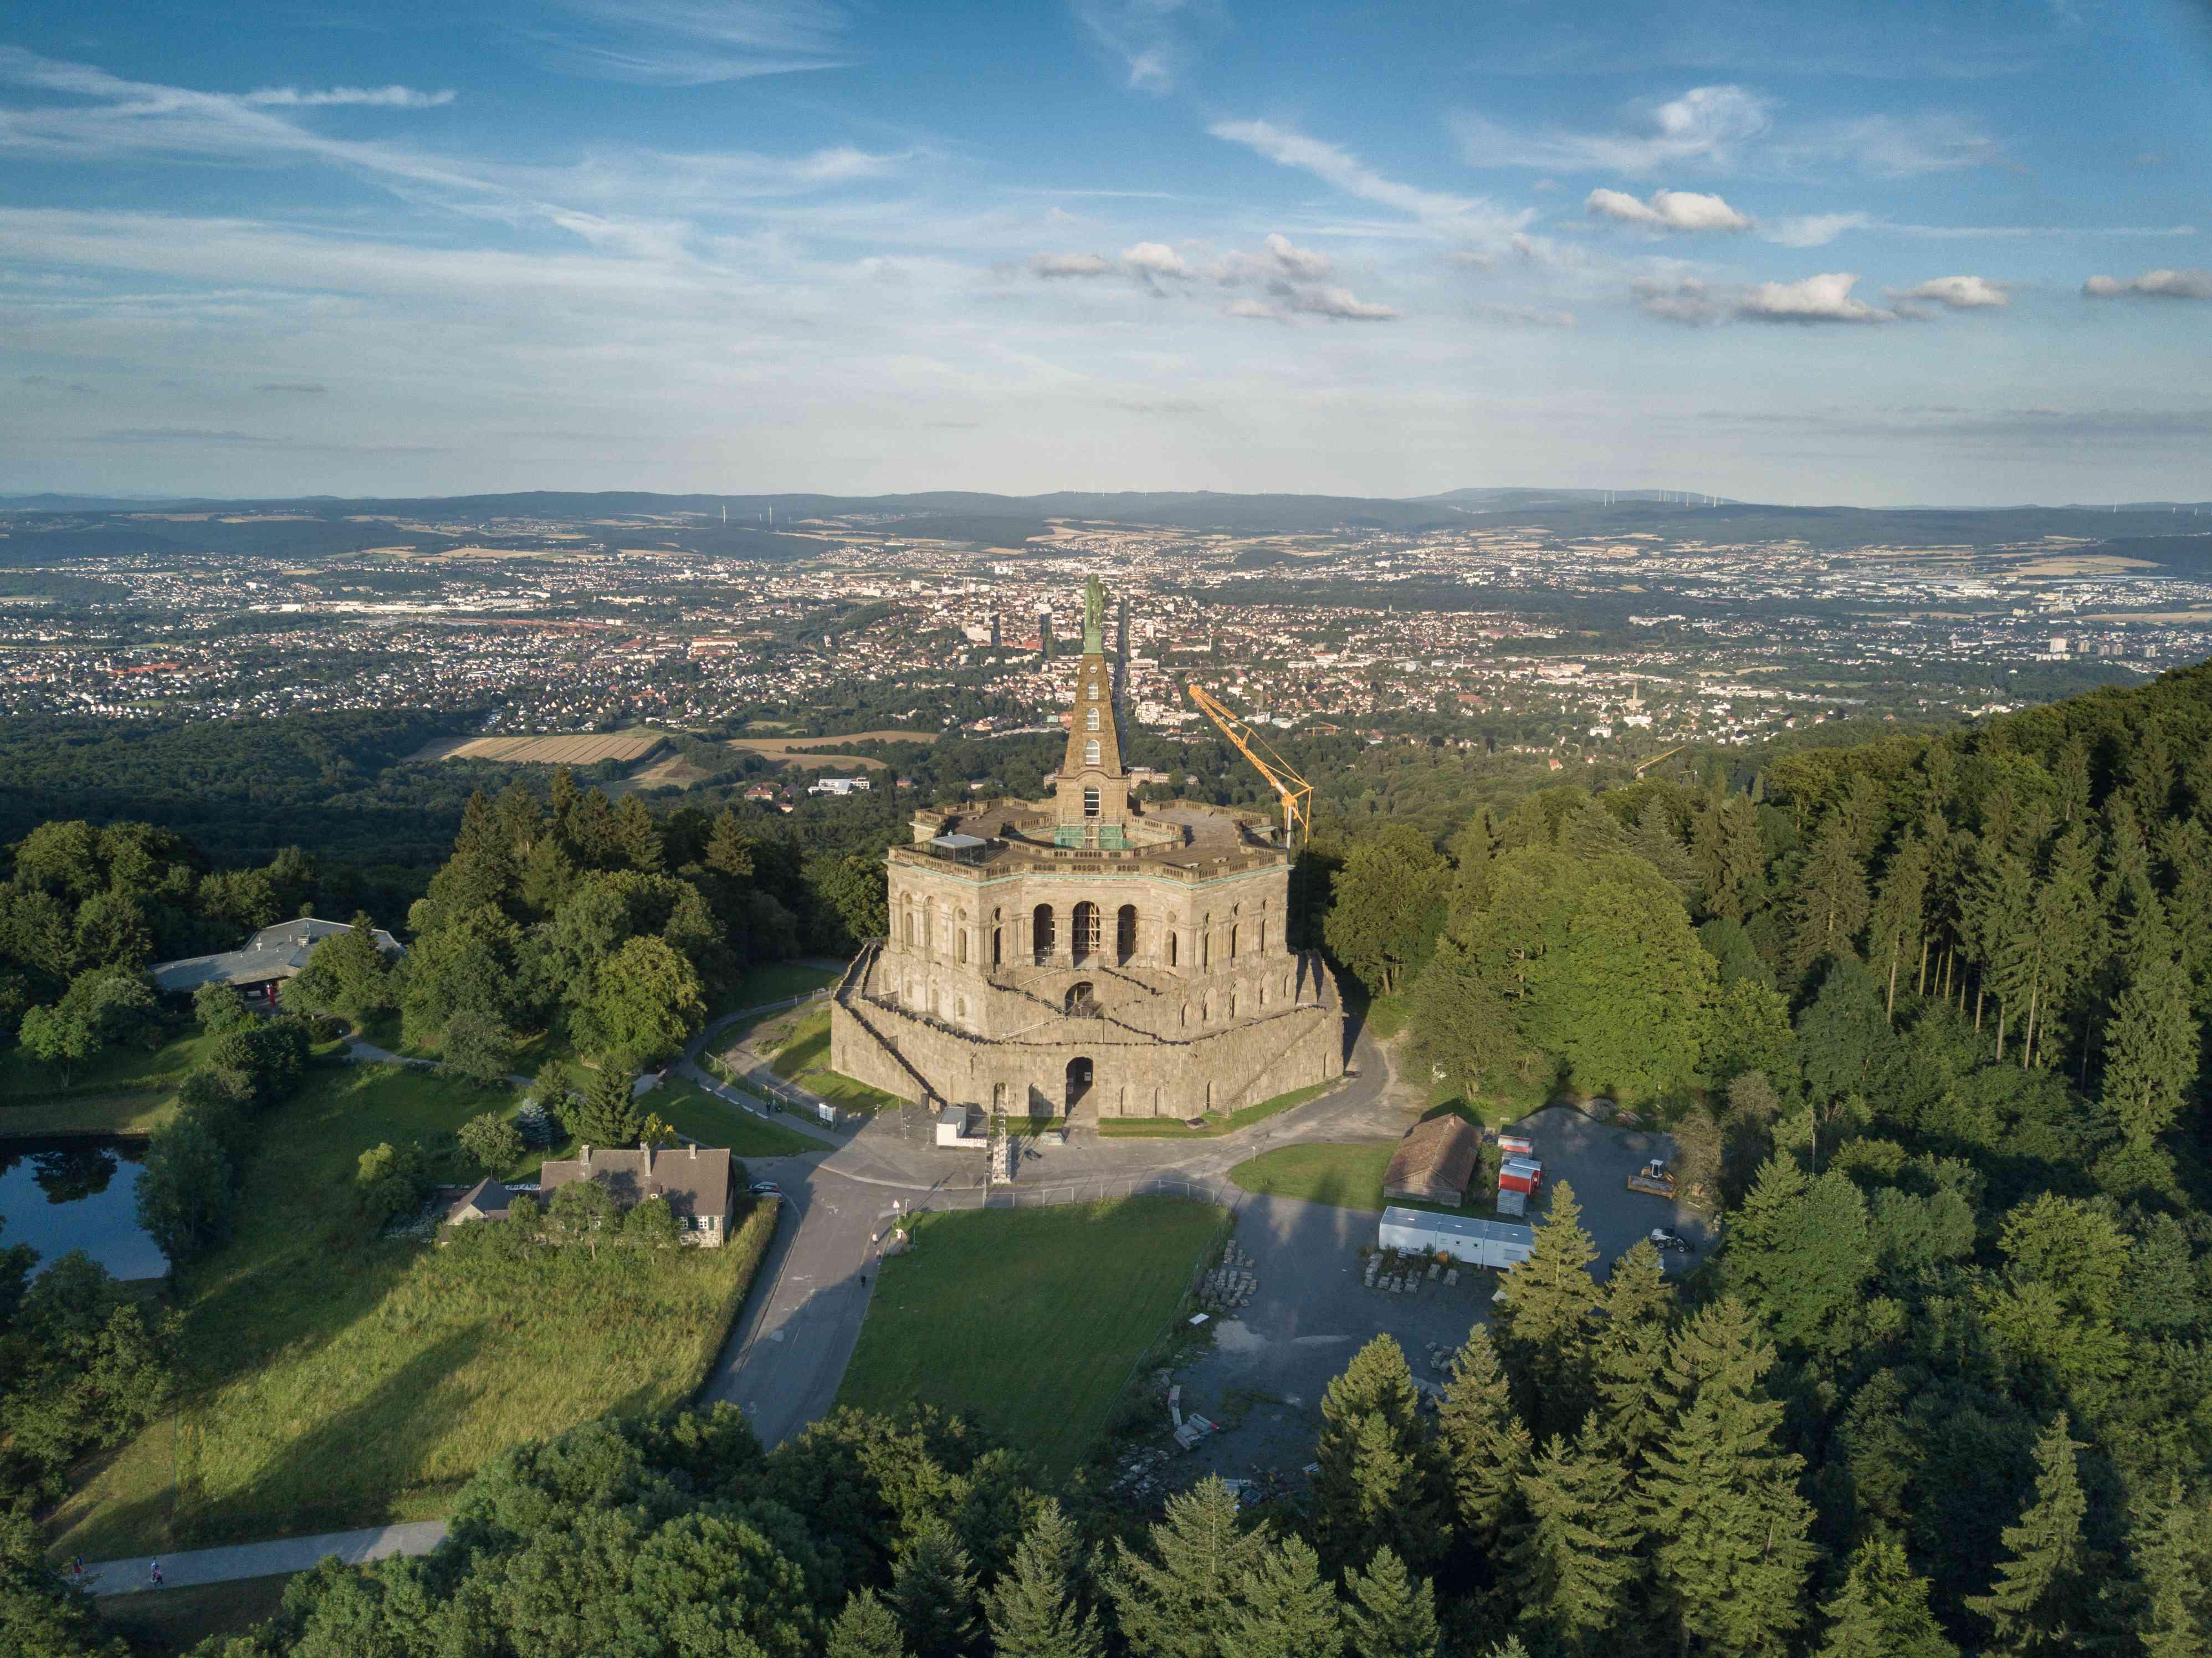 Hercules monument in Kassel